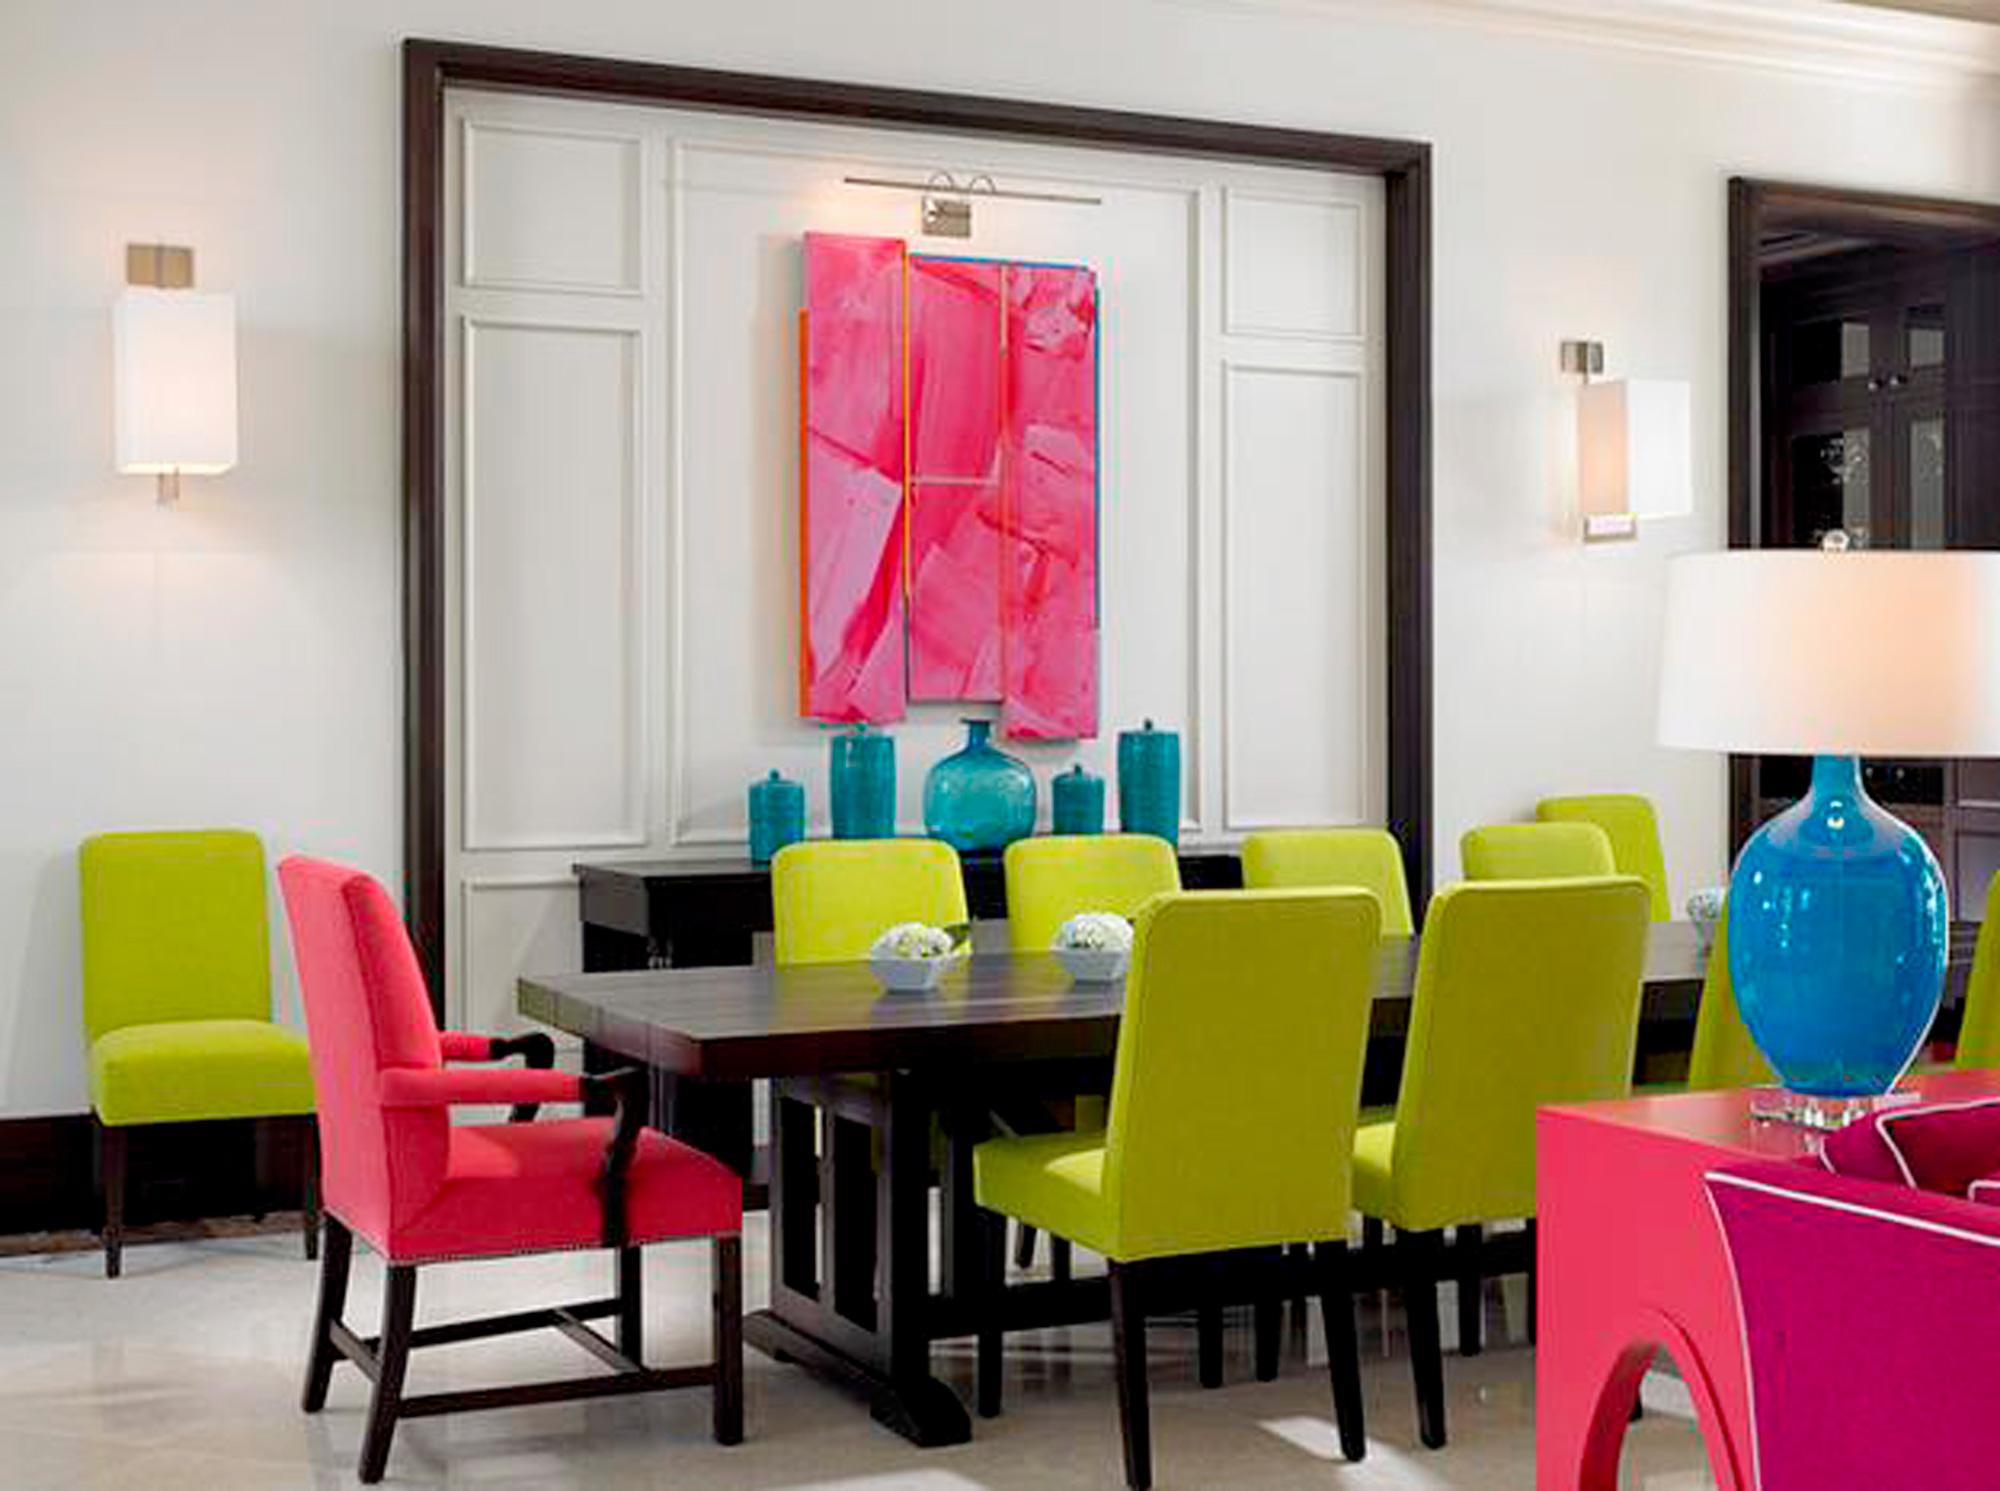 लिविंग रूम को हाइलाइट करने के लिए आप नियॉन कलर का सोफा सेट, चेयर या दूसरा फर्नीचर रख सकते हैं।